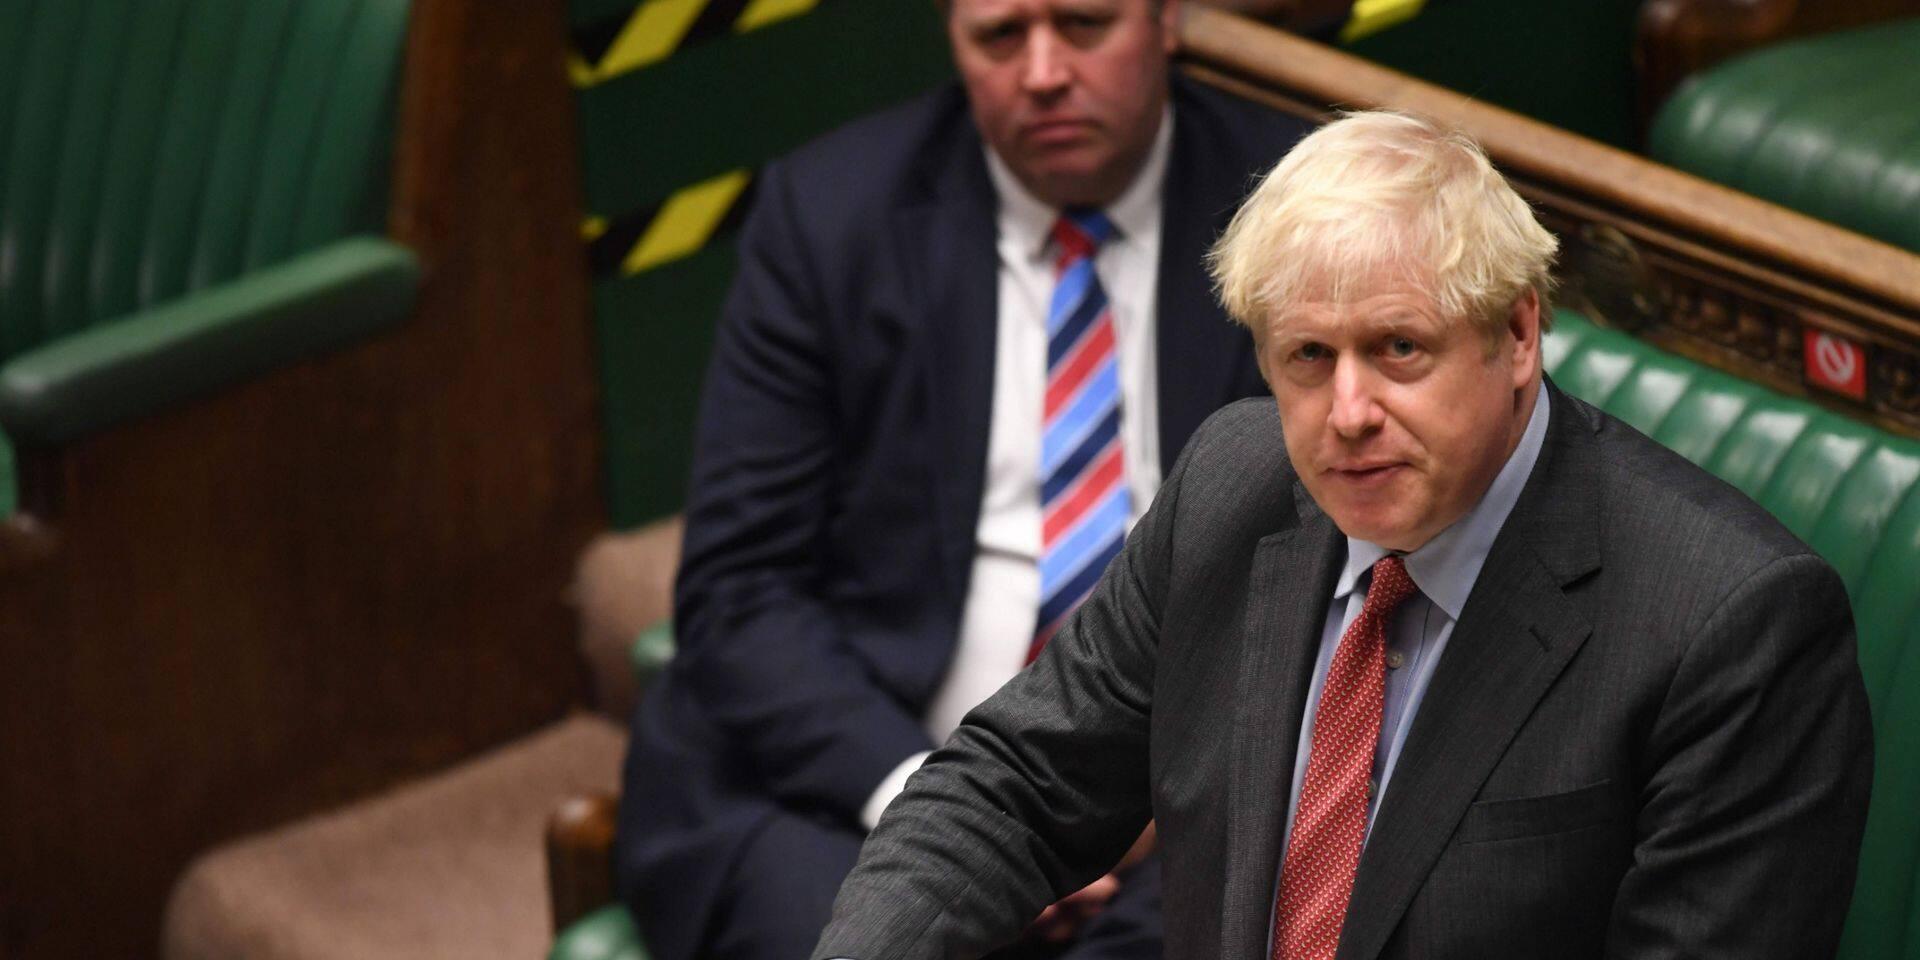 Un Brexit sans accord serait trois fois plus coûteux que la pandémie pour le Royaume-Uni, selon une étude